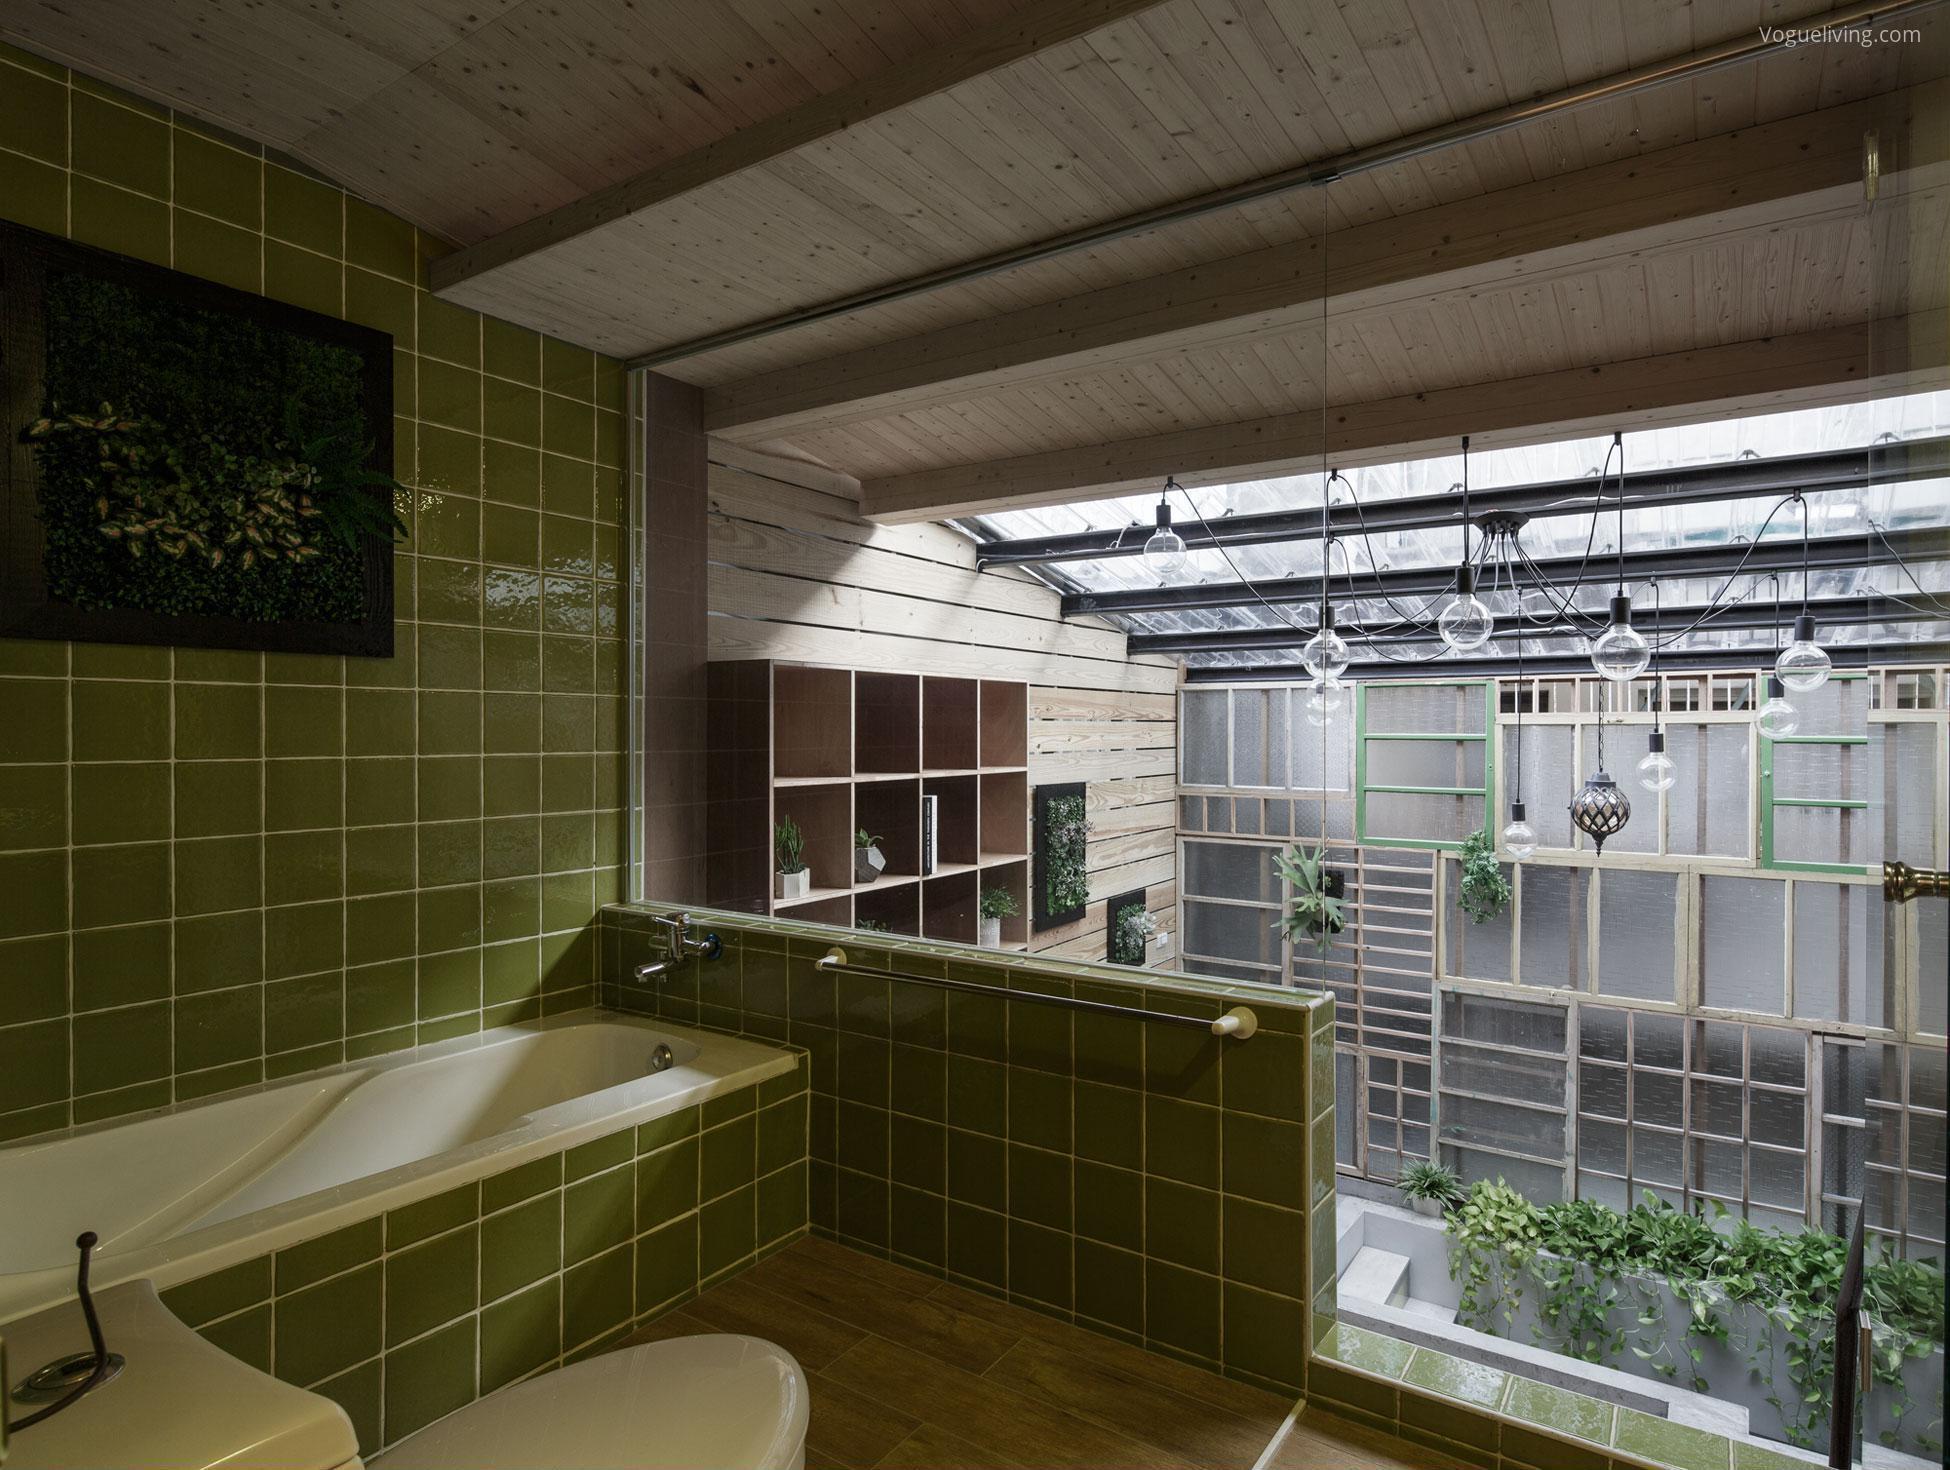 Zöld csempés fürdőszoba // HOMEINFO.hu - Inspirációtár